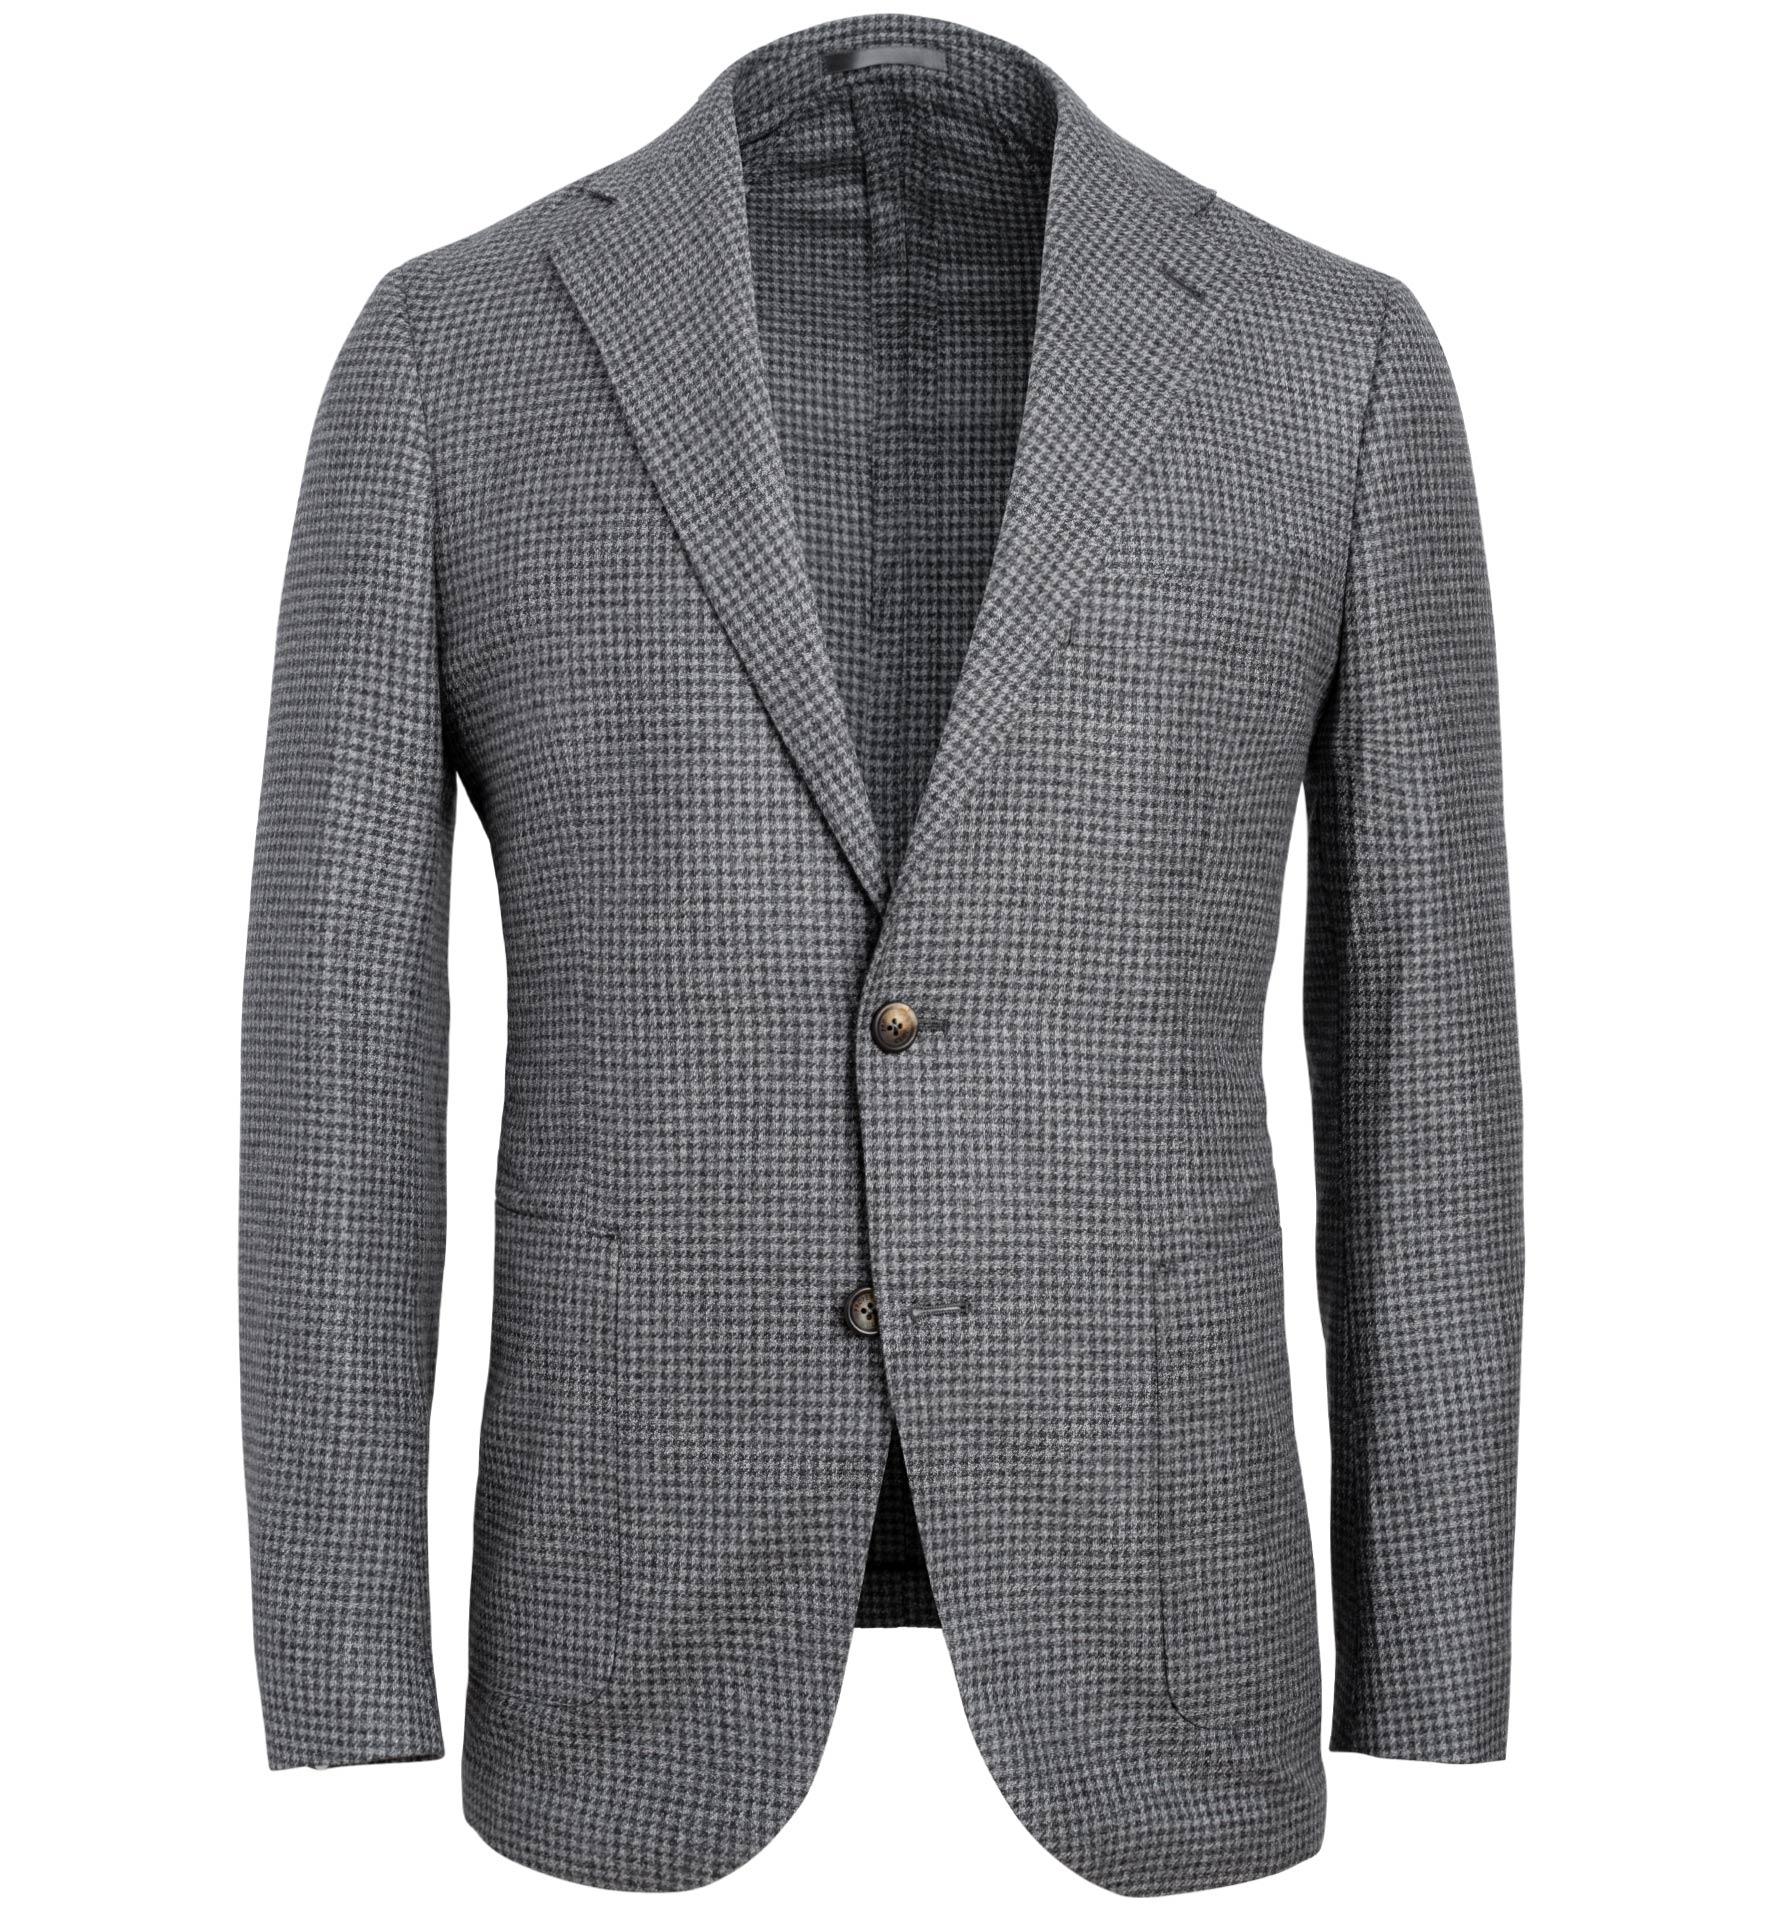 Zoom Image of Bedford Grey Melange Houndstooth Wool Cotton Blend Jacket